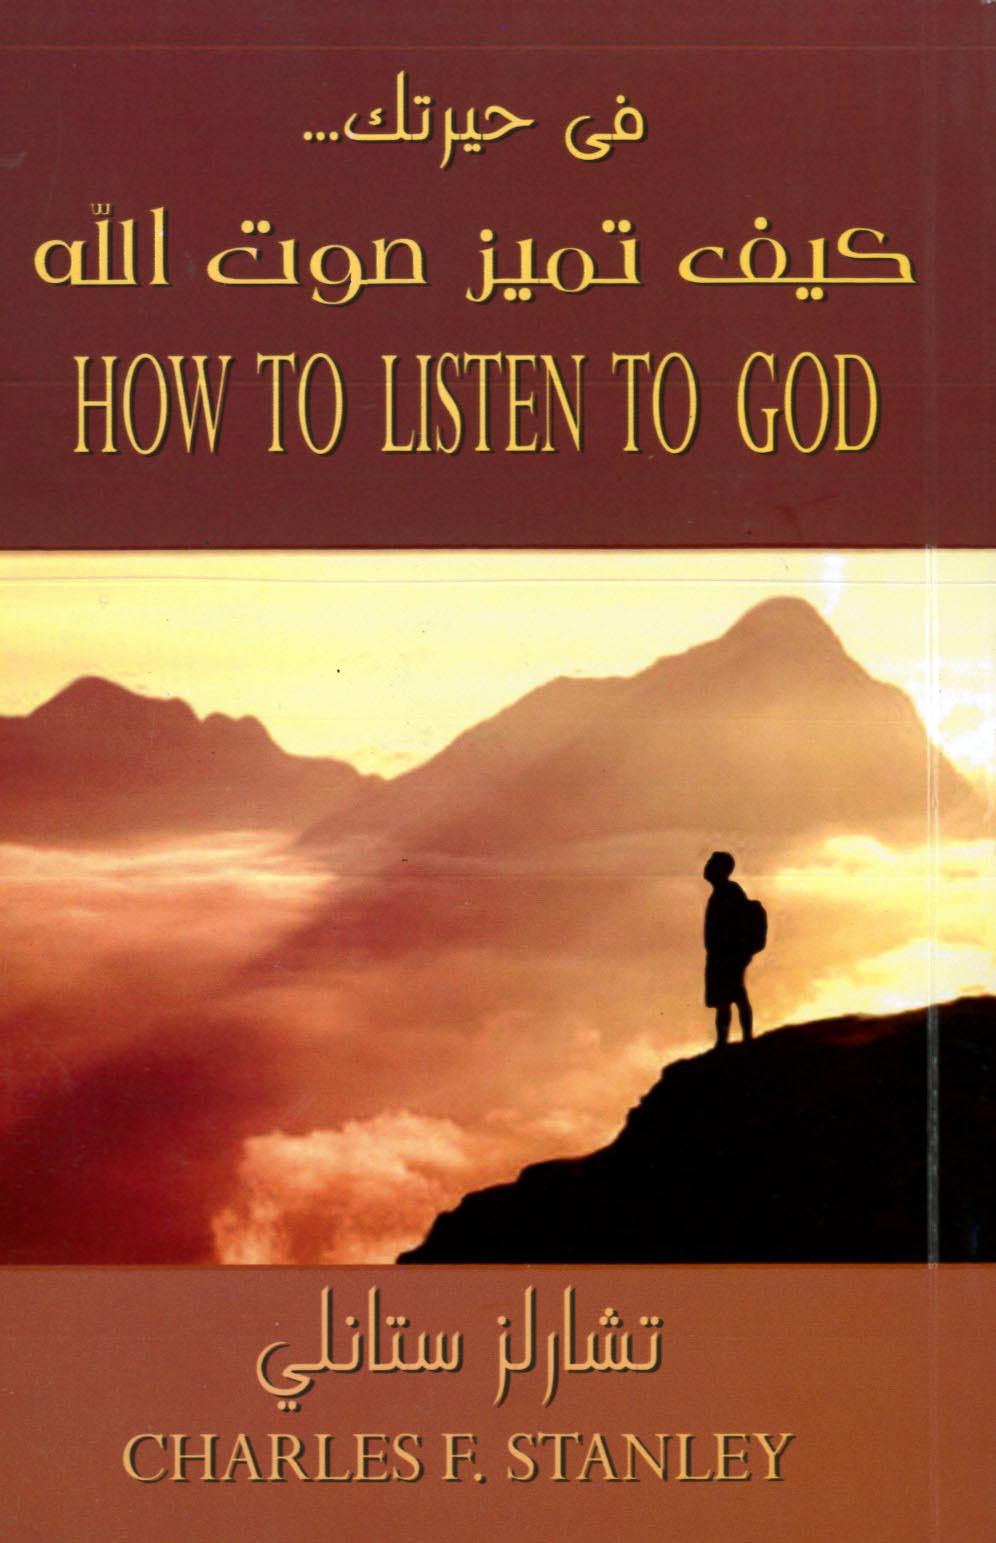 فى حيرتك ... كيف تميز صوت الله